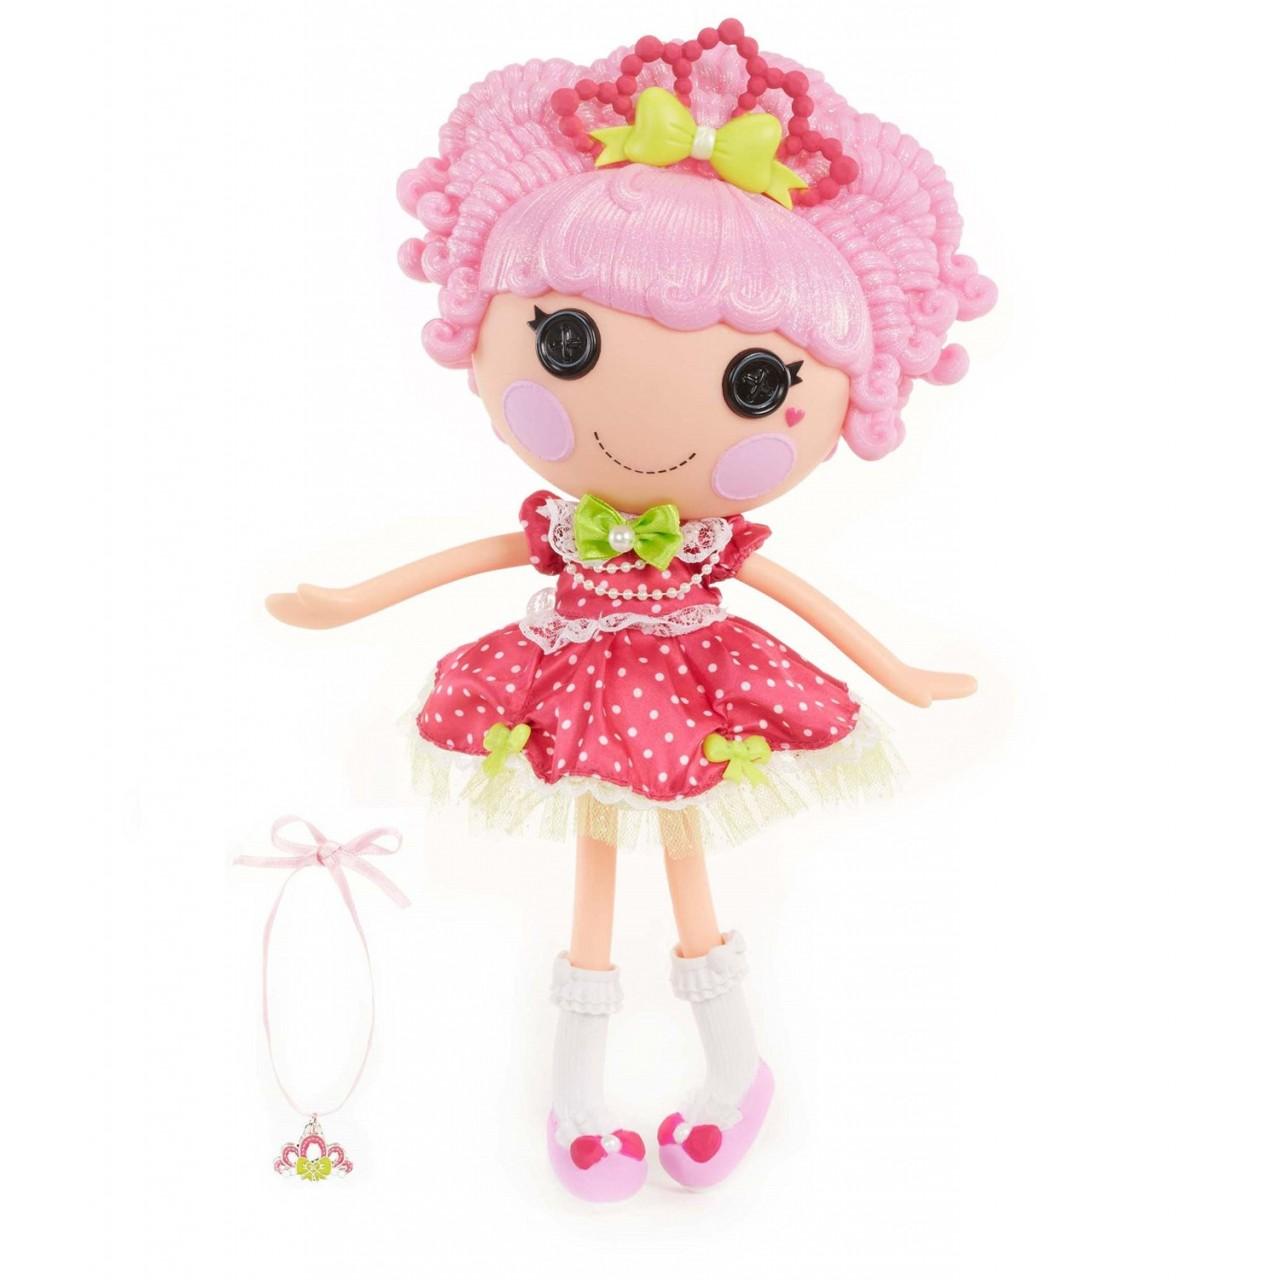 Кукла Lalaloopsy Lalabration большая - Принцесса Блестинка